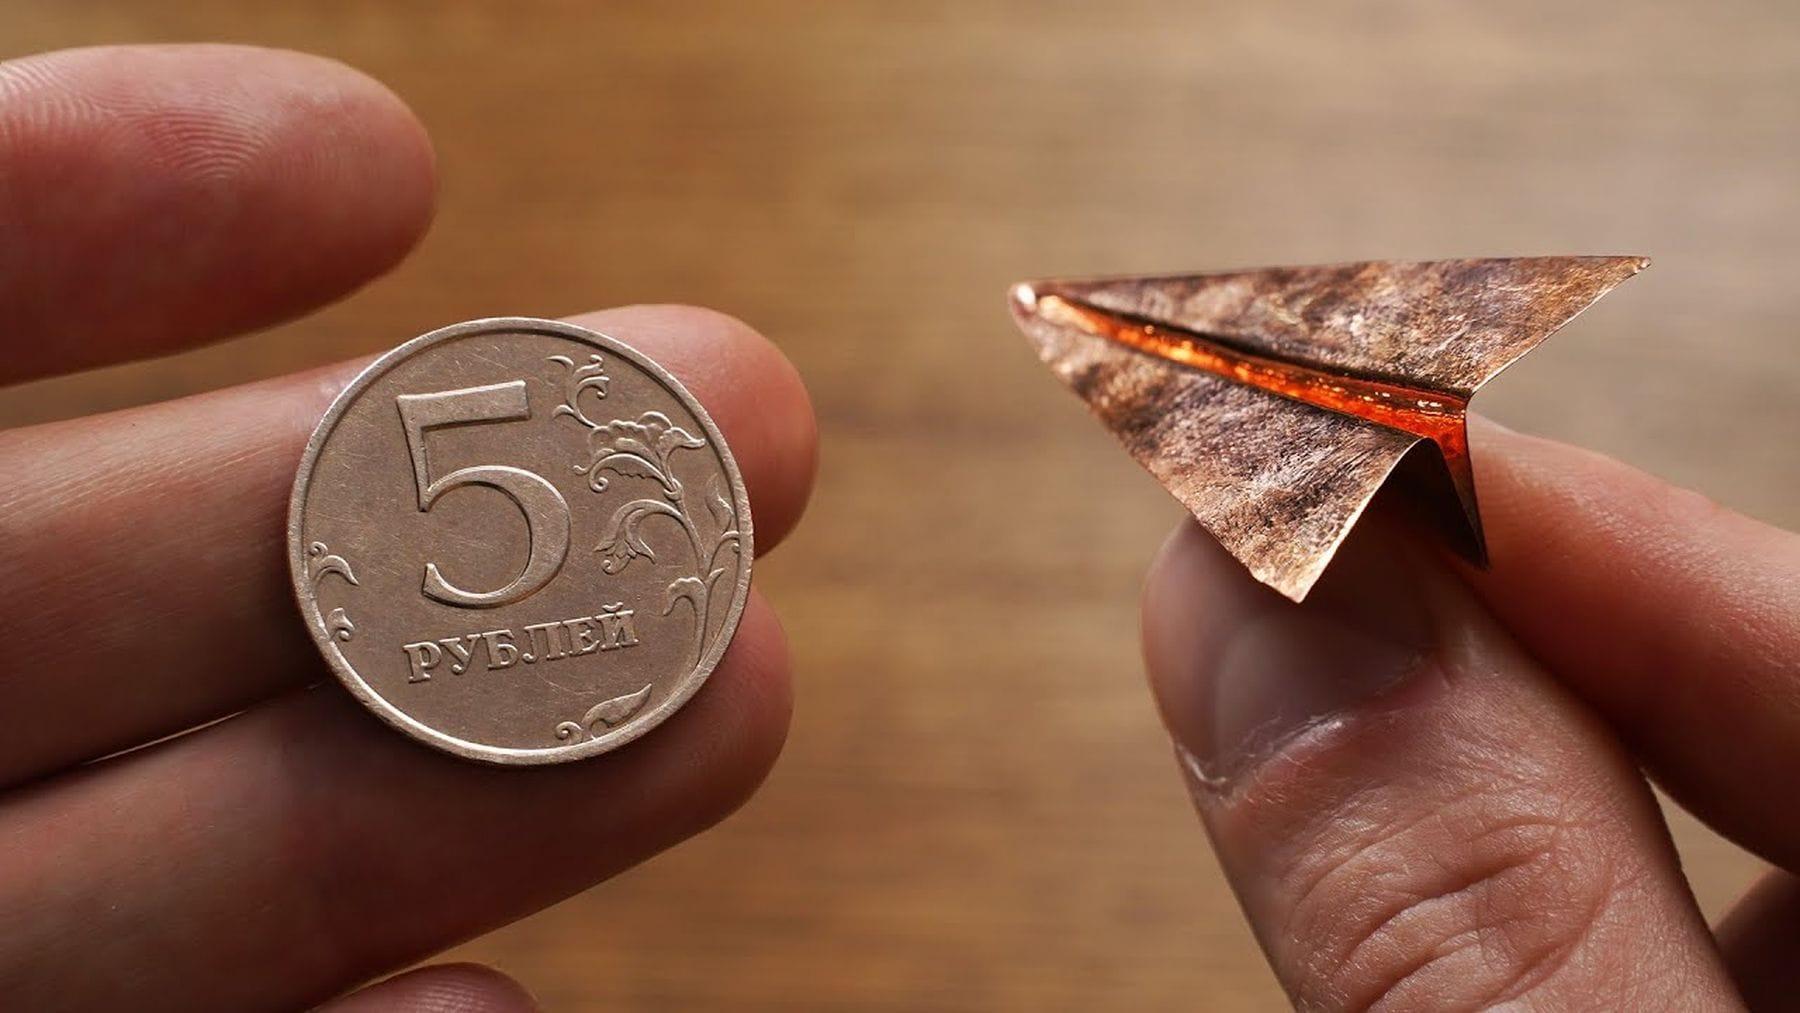 Wie man aus einer kleinen Münze einen Flieger bastelt | Handwerk | Was is hier eigentlich los?